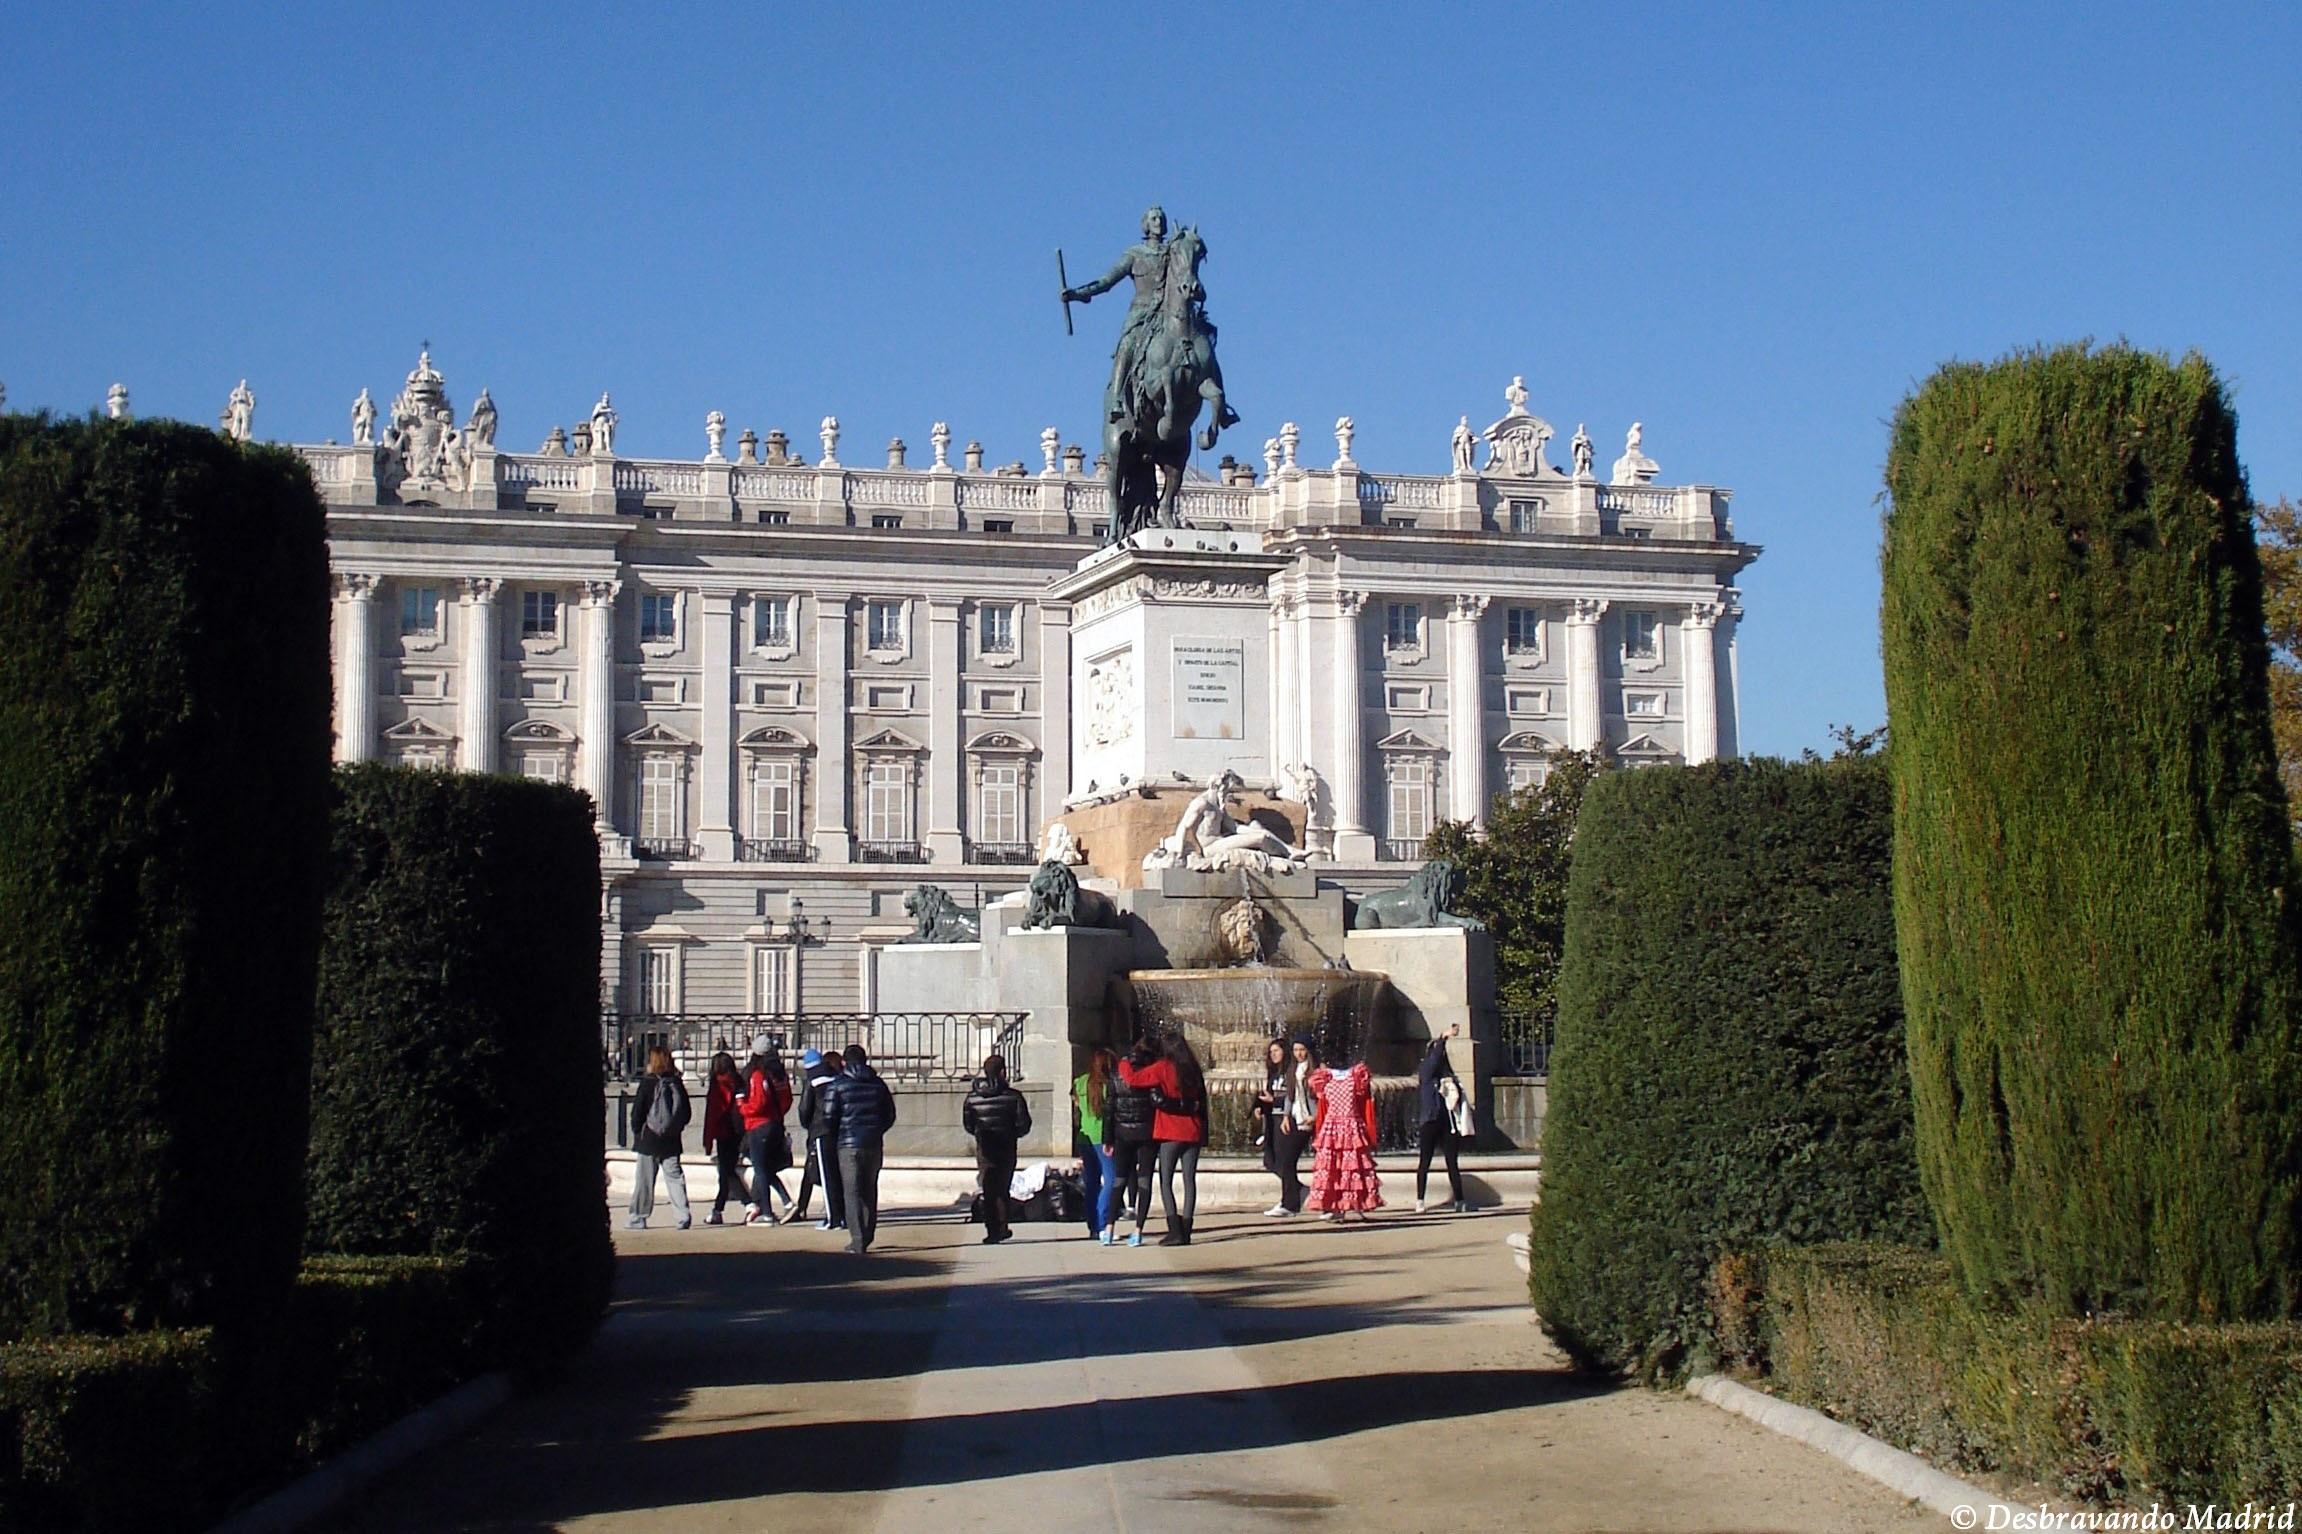 Praça do oriente estatua felipe iv curiosidades madrid o que fazer em madrid